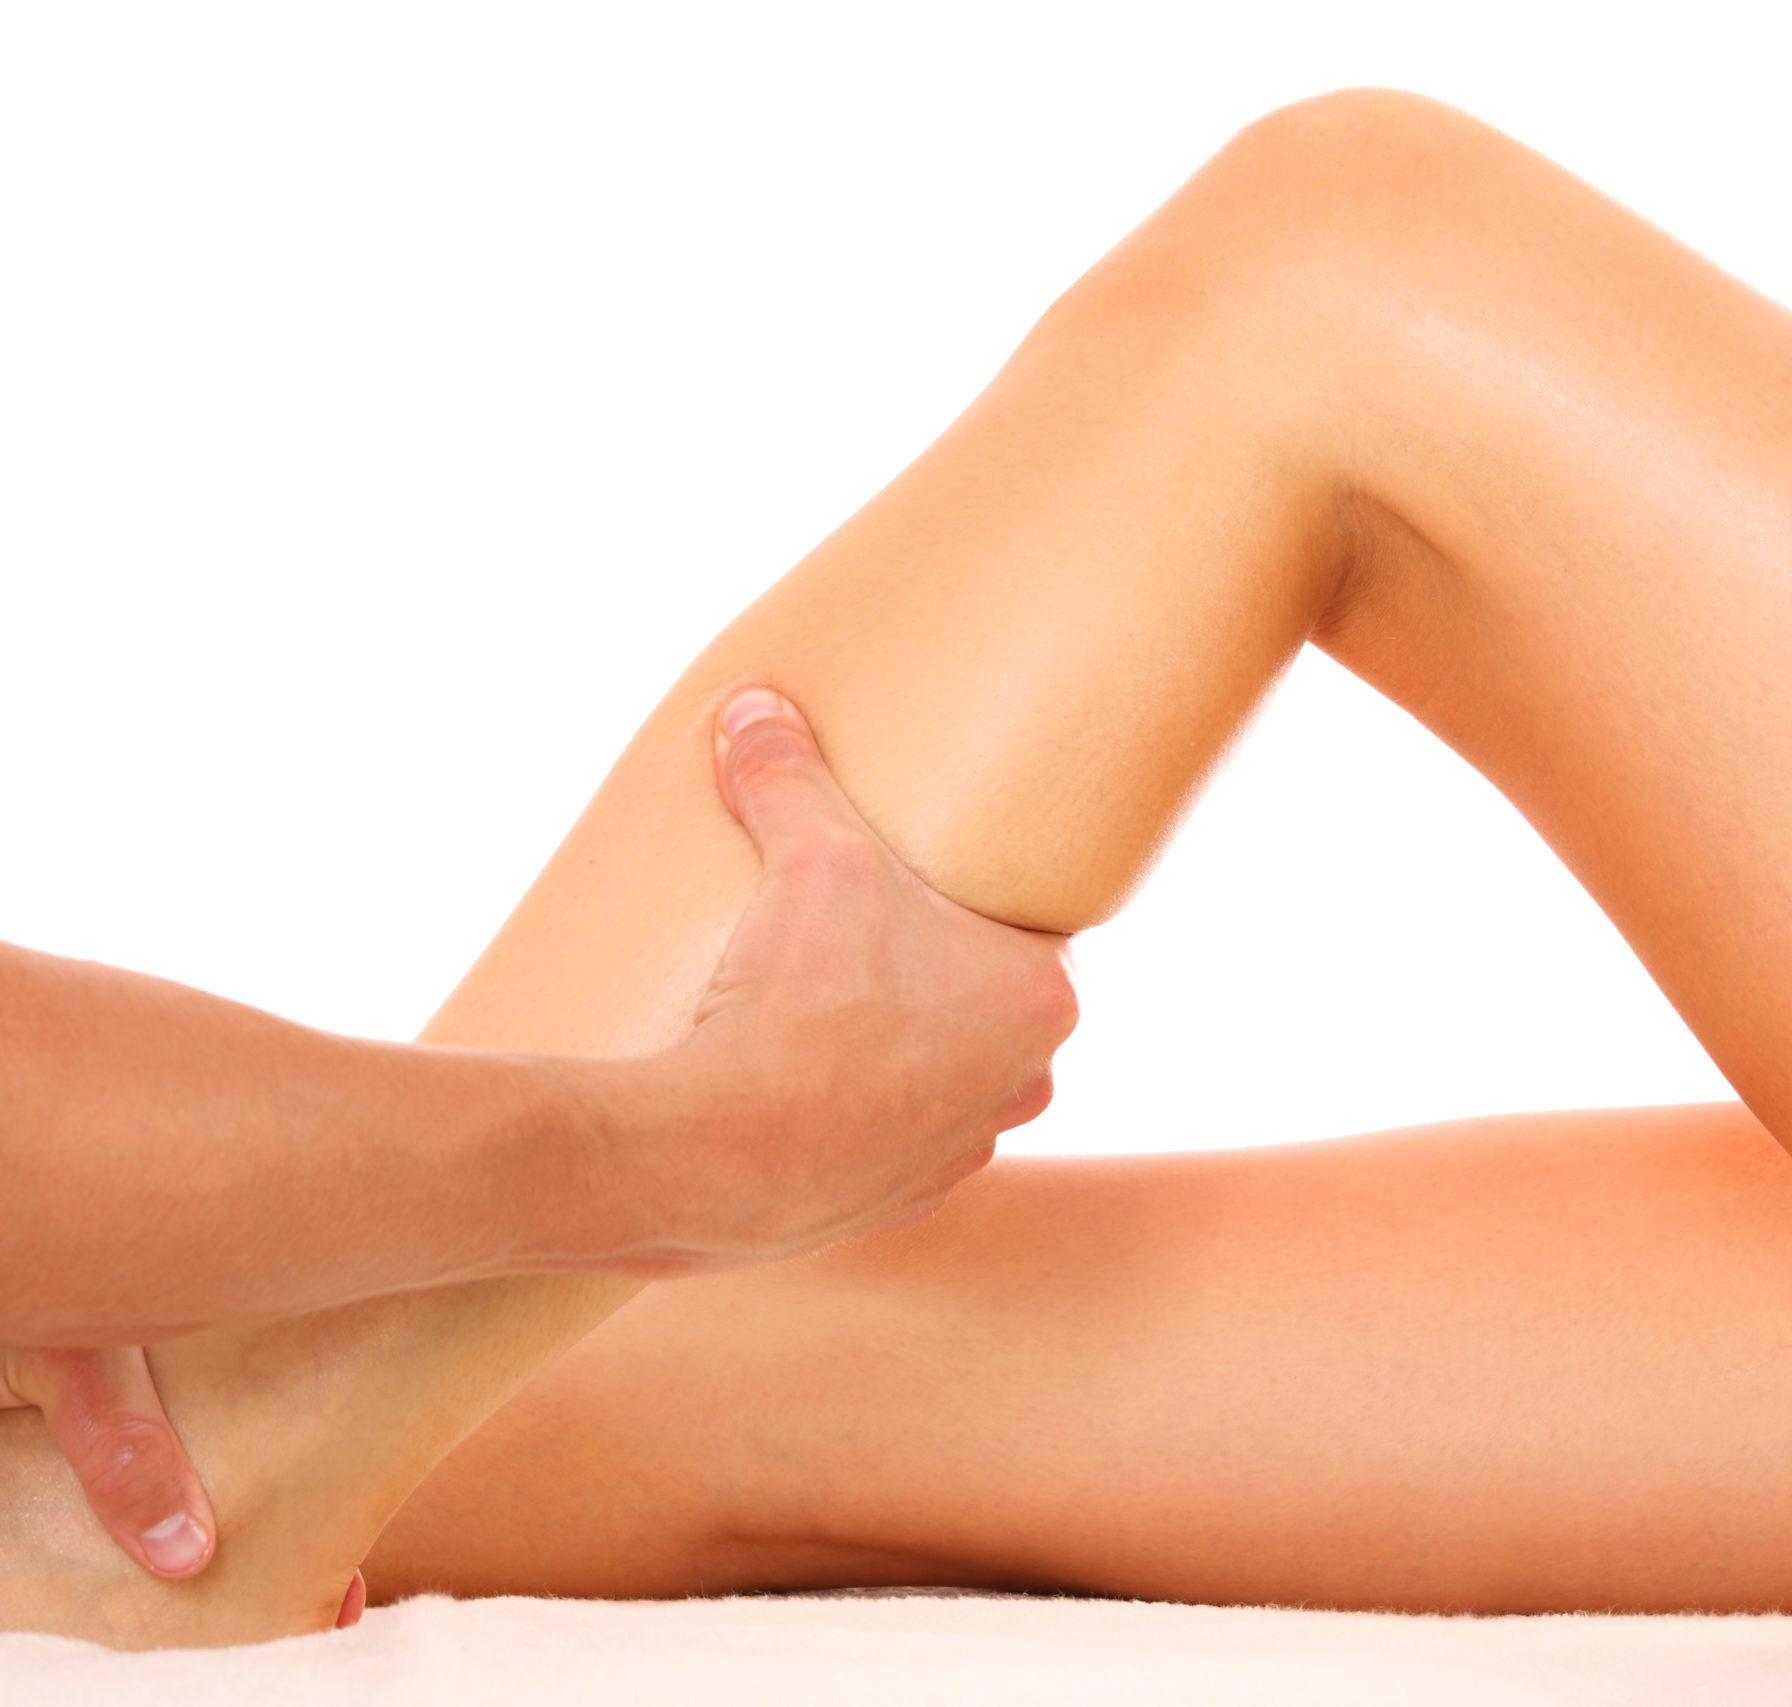 tratamentul leziunilor interne la genunchi)